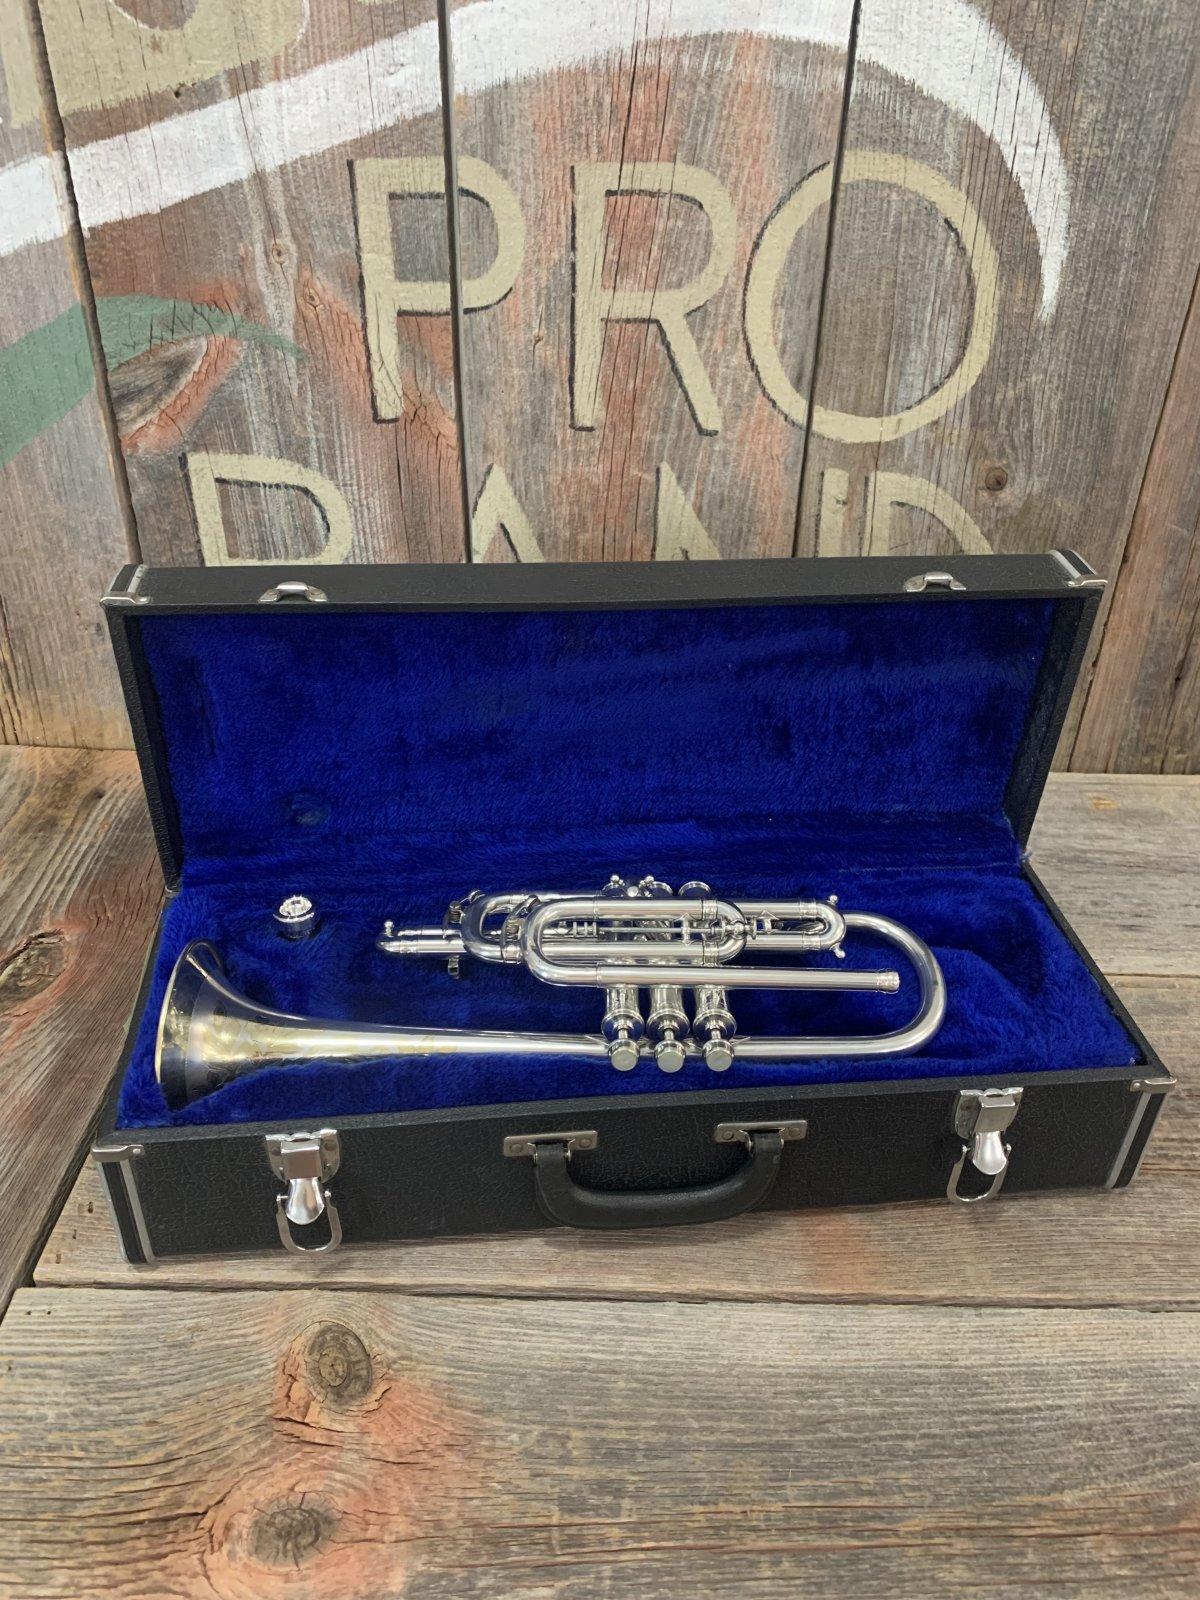 J.W. York & Sons Cornet Perfec-Tone 1918 Silver & Gold